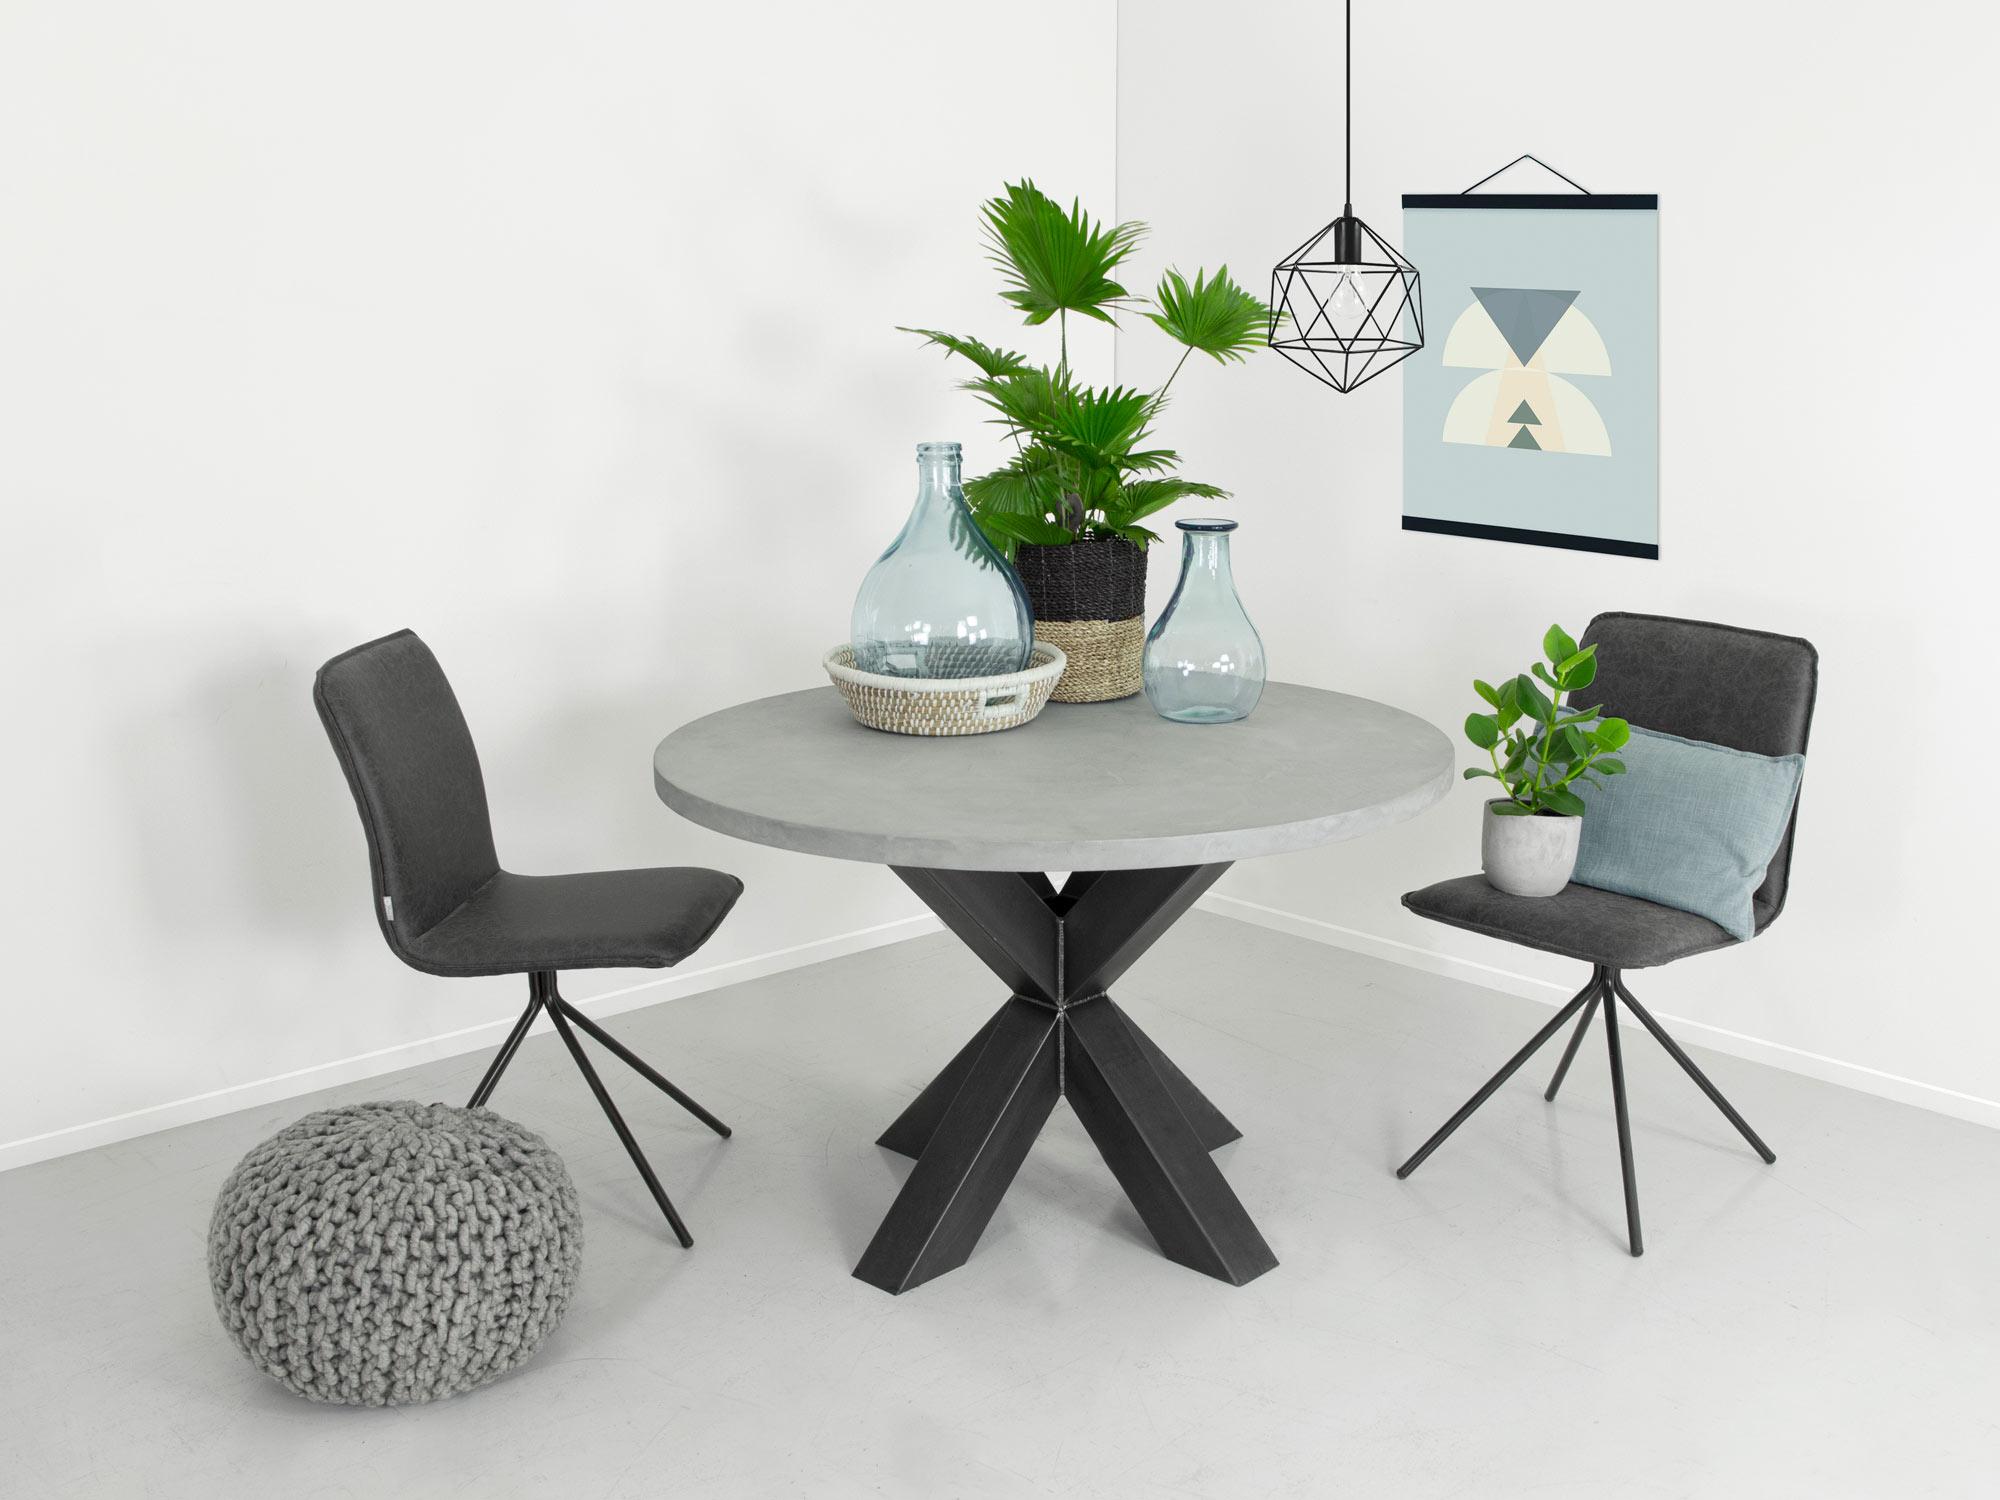 Ronde eettafel betonlook ozzy fØrn maatwerk meubelen